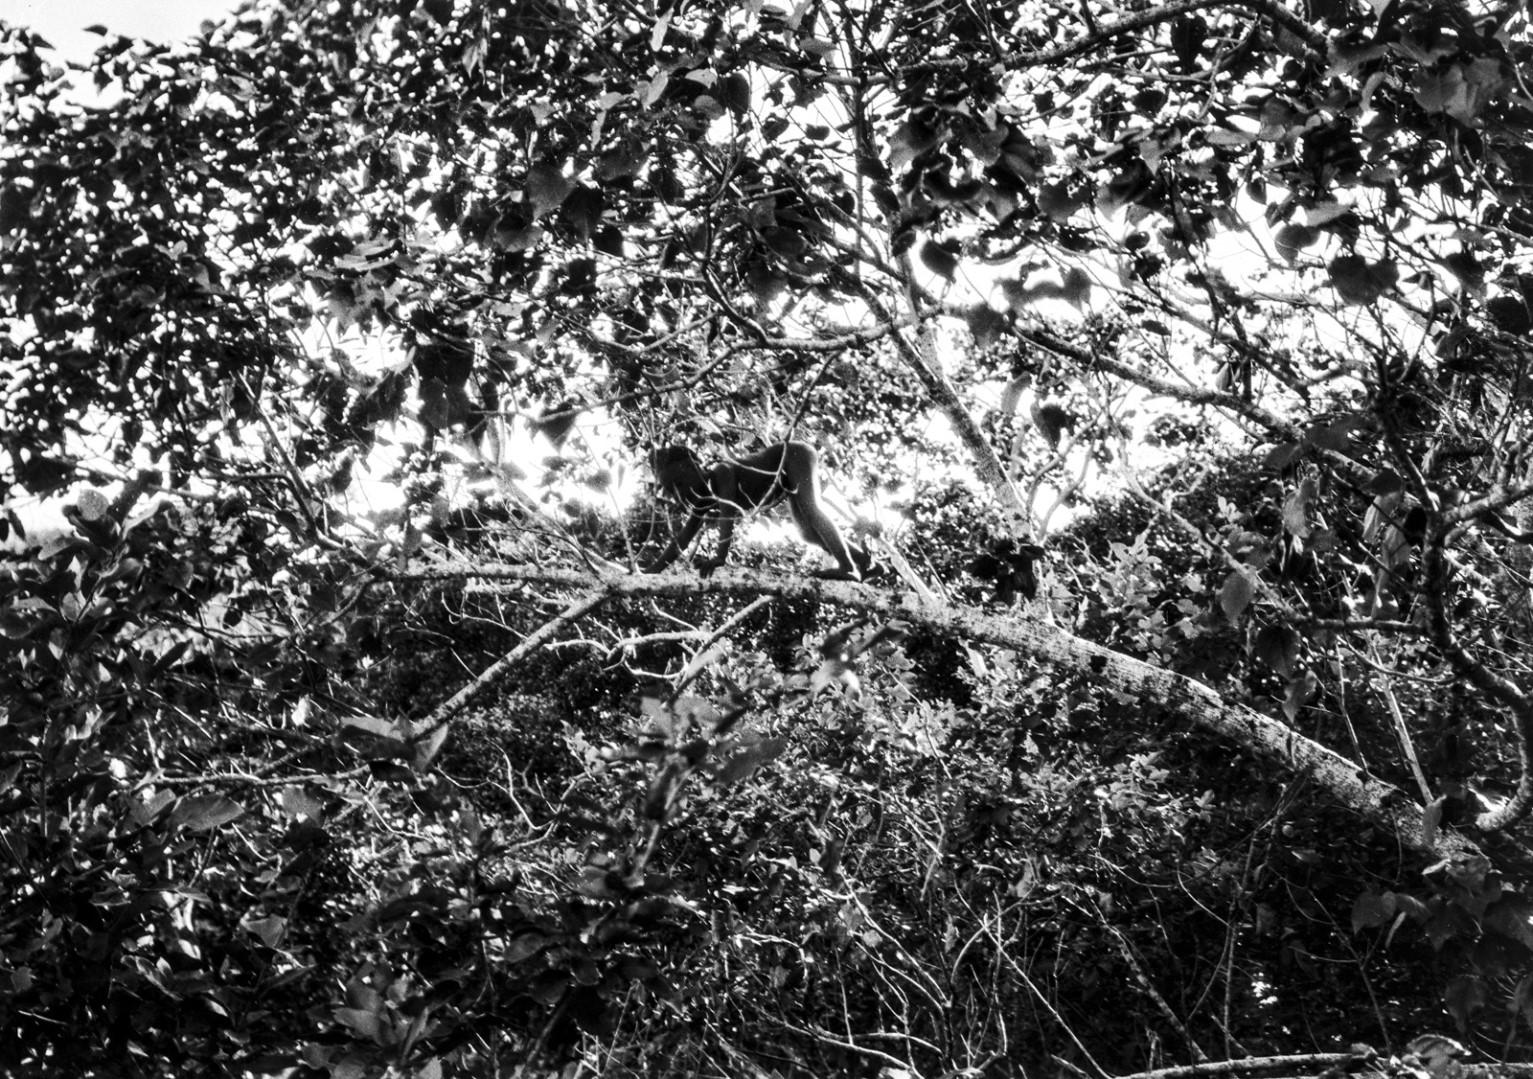 1214. Народность Джарава. Мальчик лезет по ветке